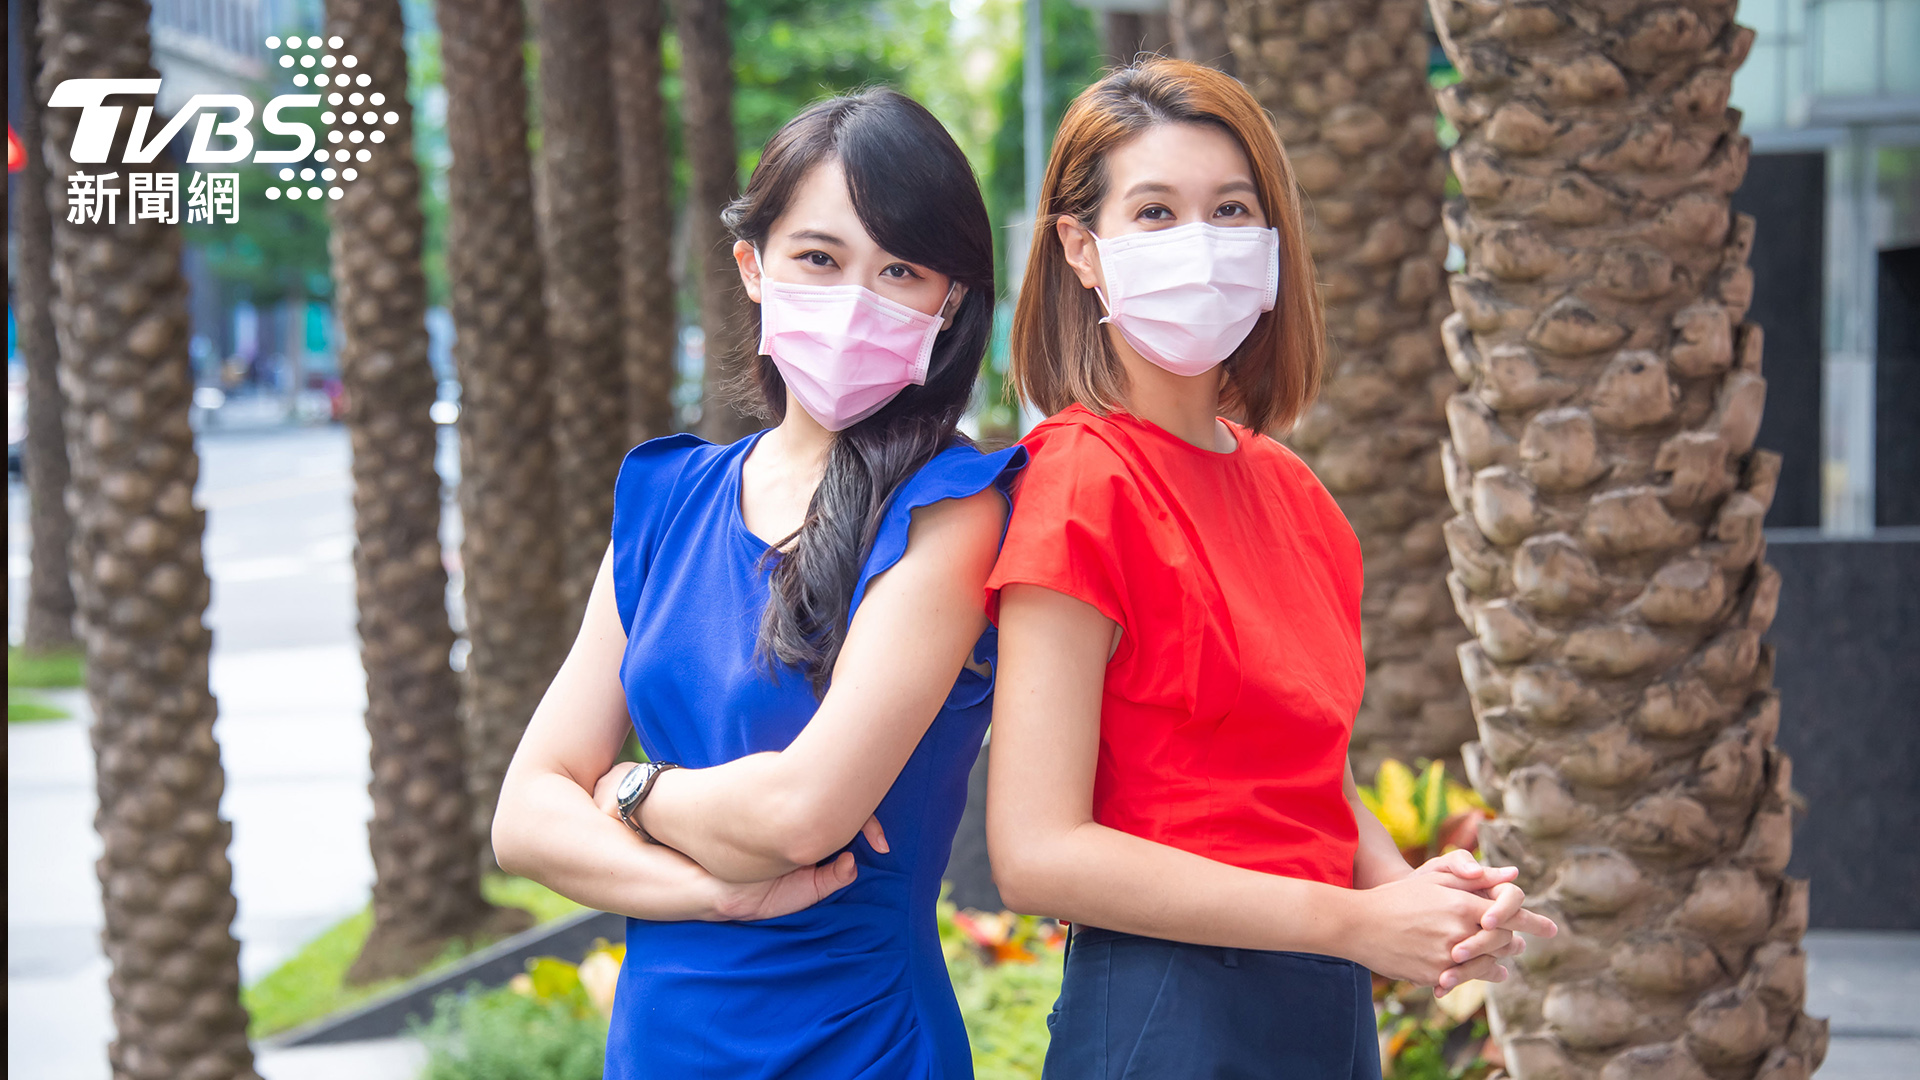 《明欣醫聊室》主持人家醫科醫師陳欣湄(左)及營養師宋明樺(右) Delta病毒「幼童化」 醫曝兩關鍵族群要當心